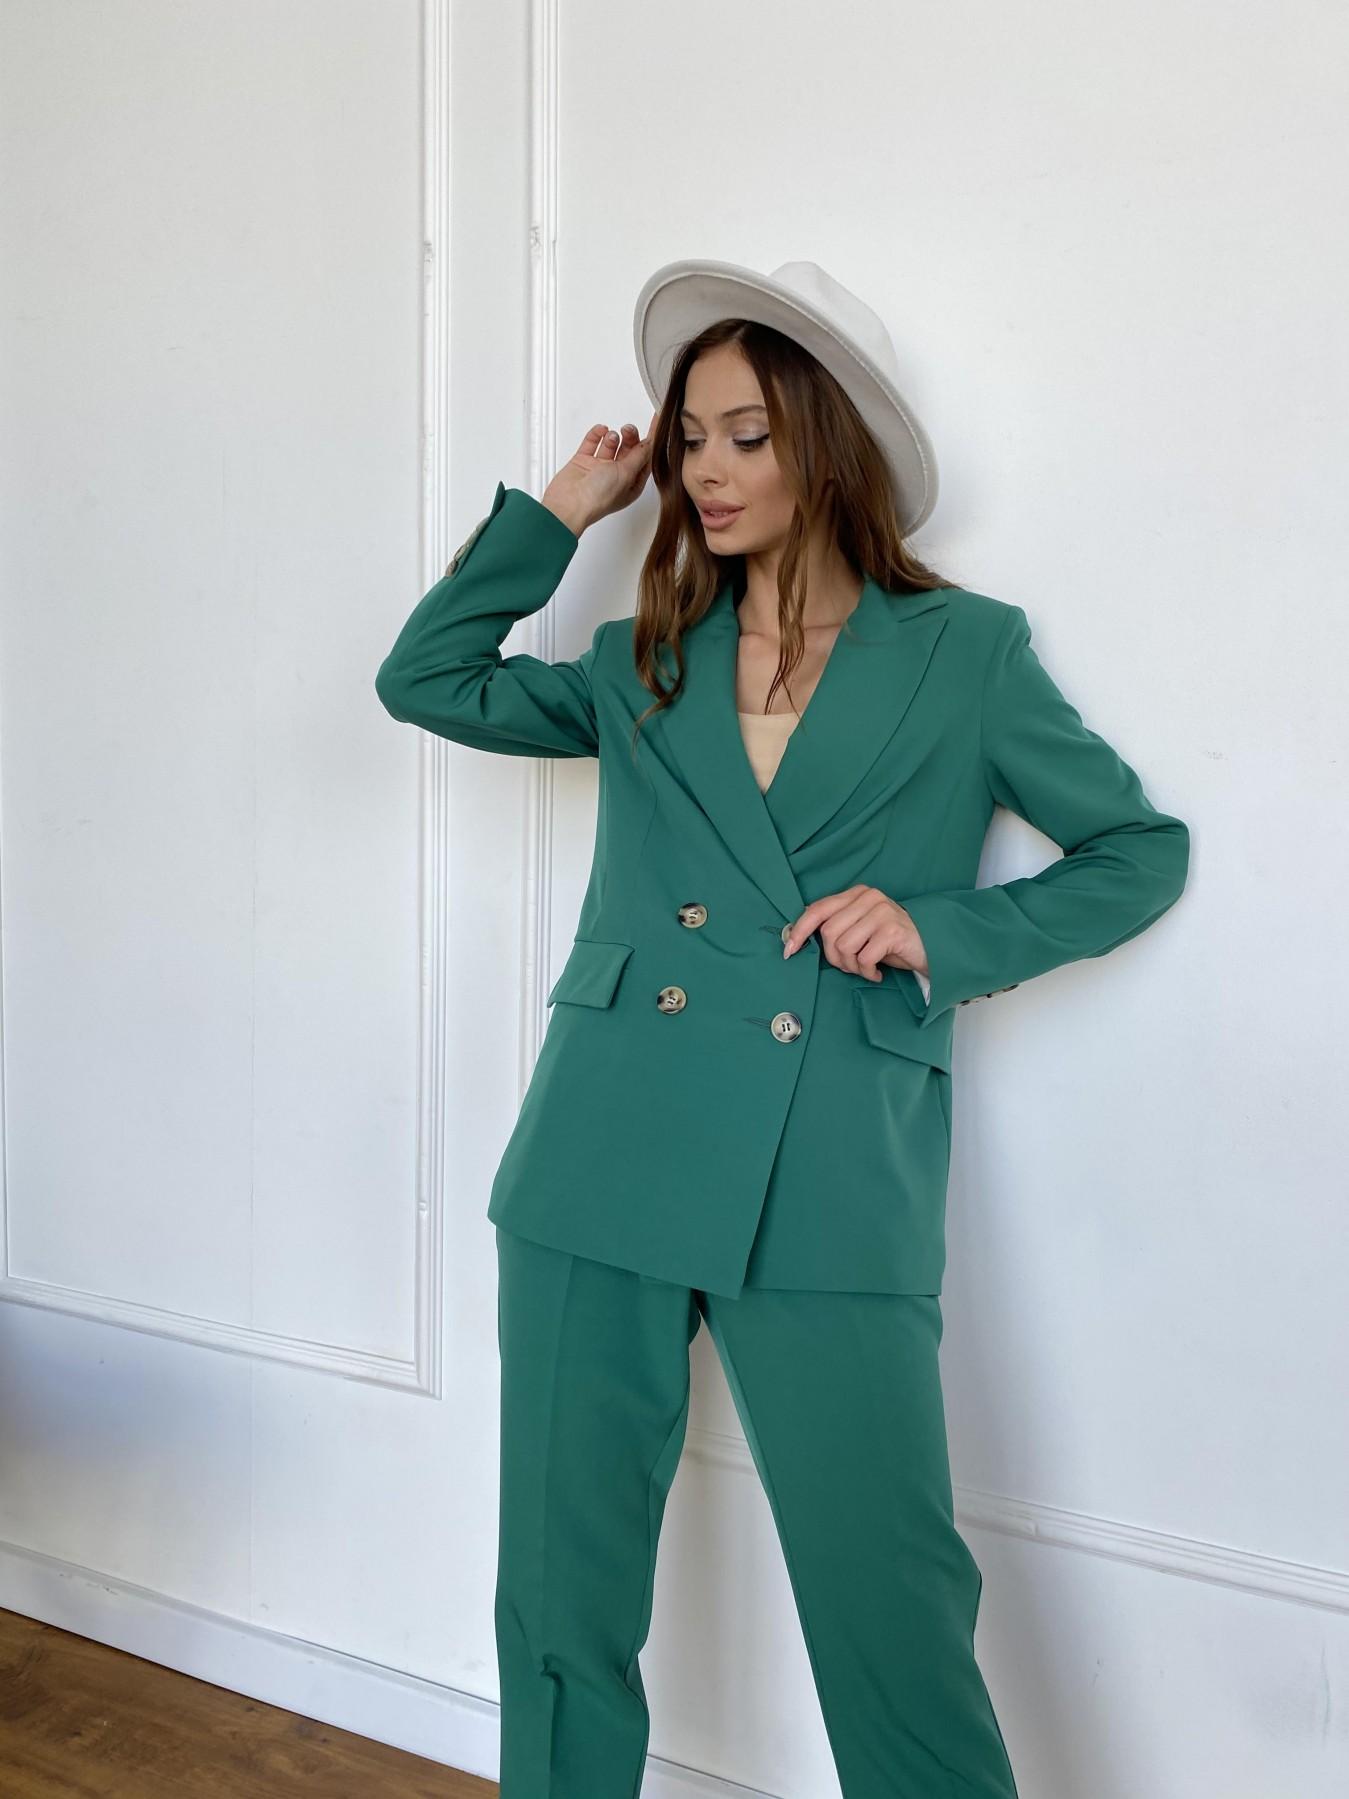 Франко костюм из костюмной ткани 11090 АРТ. 47898 Цвет: Зеленый - фото 8, интернет магазин tm-modus.ru